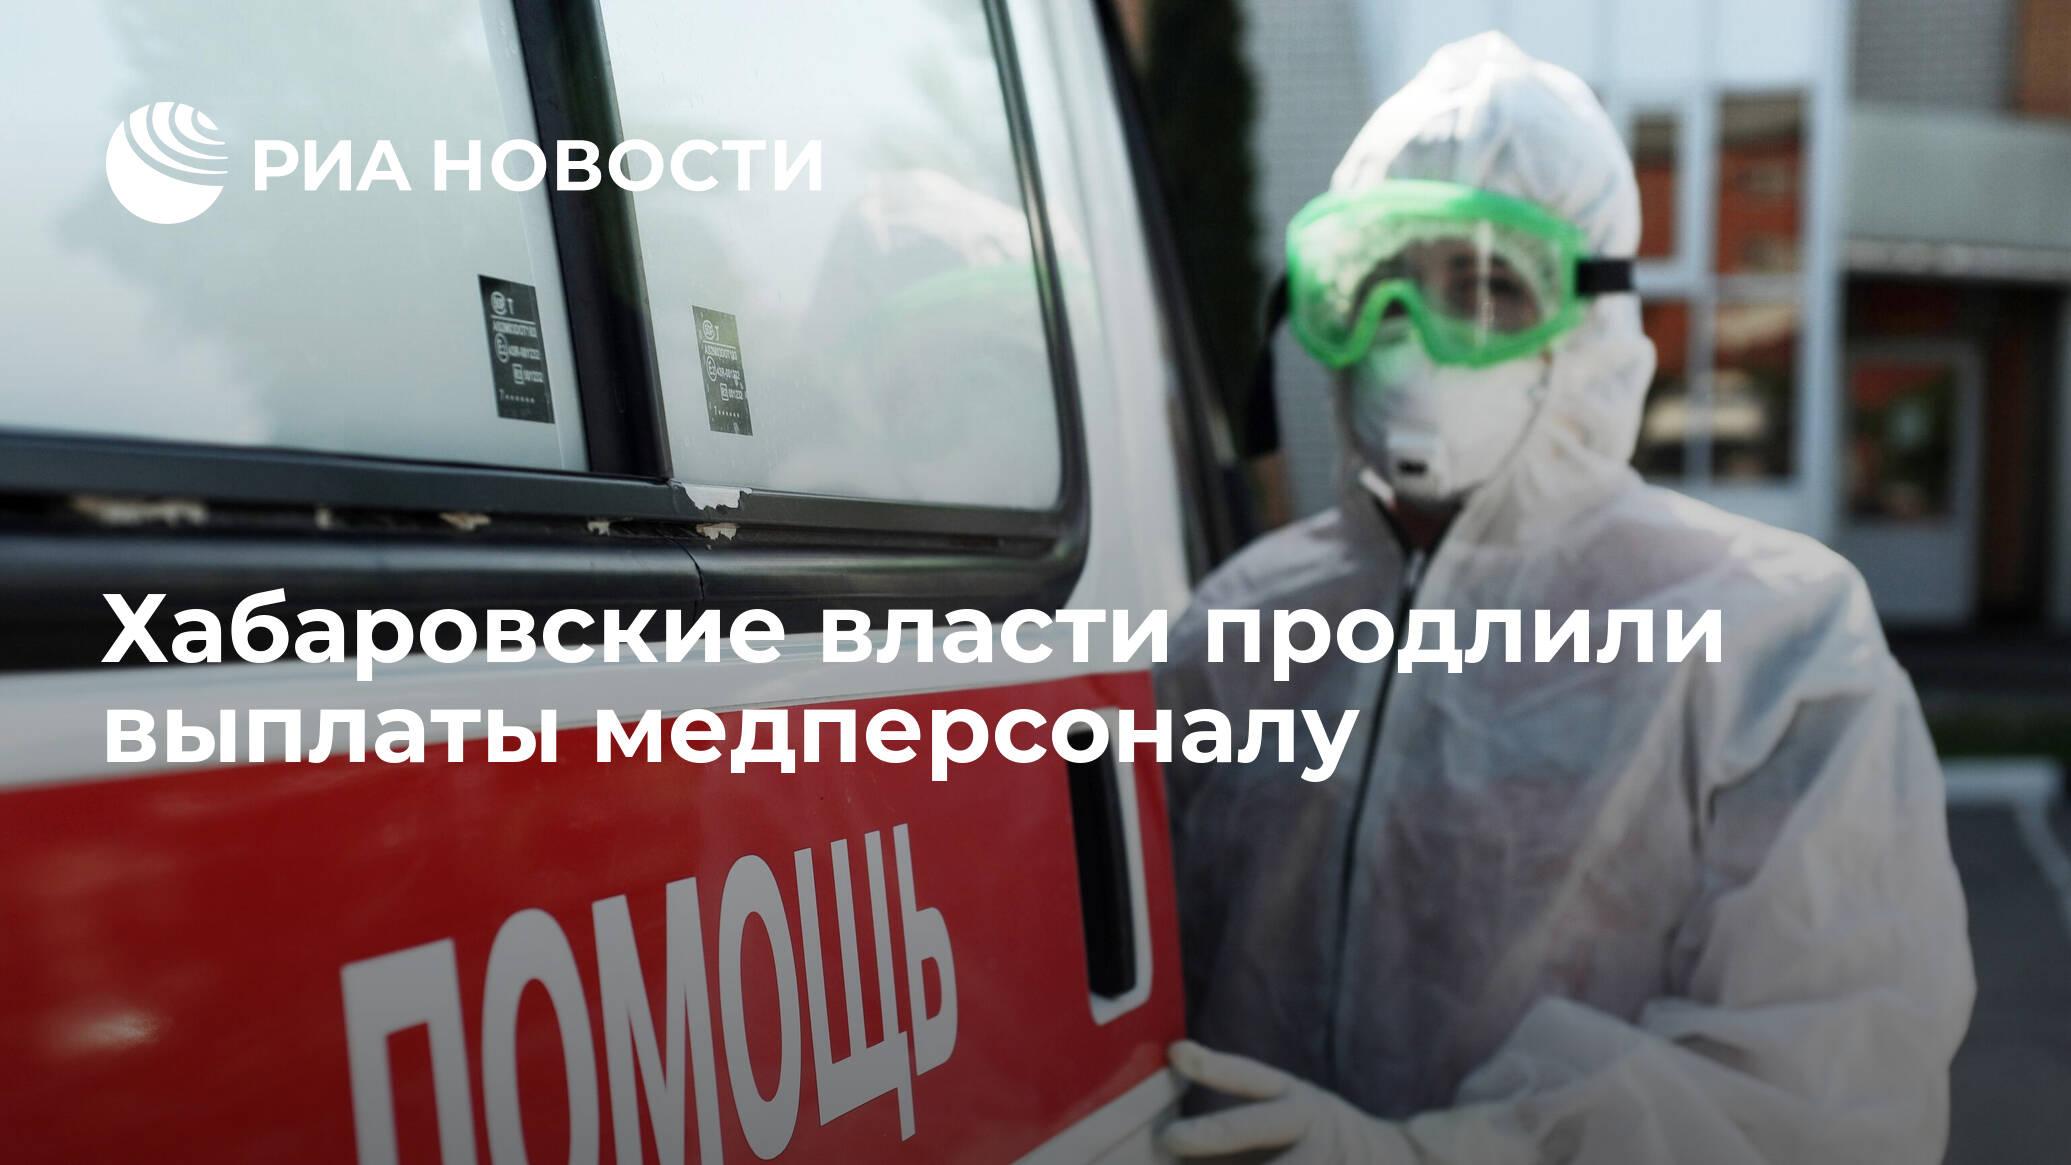 Хабаровские власти продлили выплаты медперсоналу